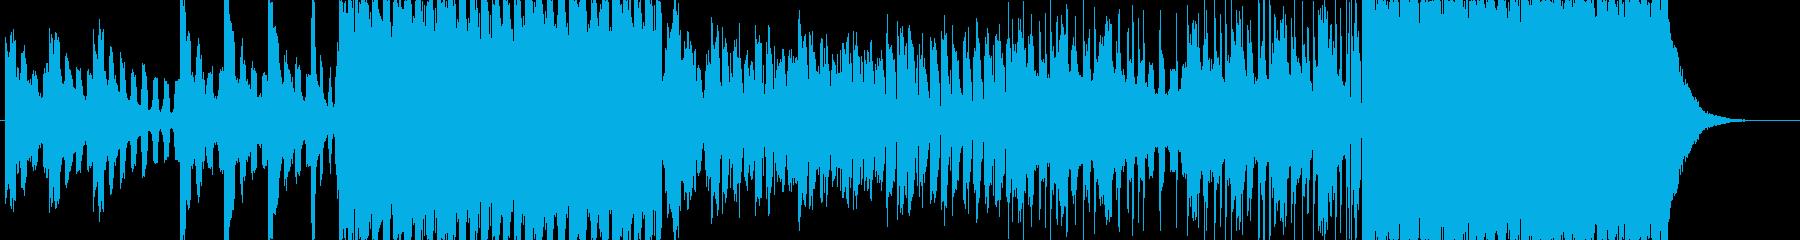 ノリノリの再生済みの波形